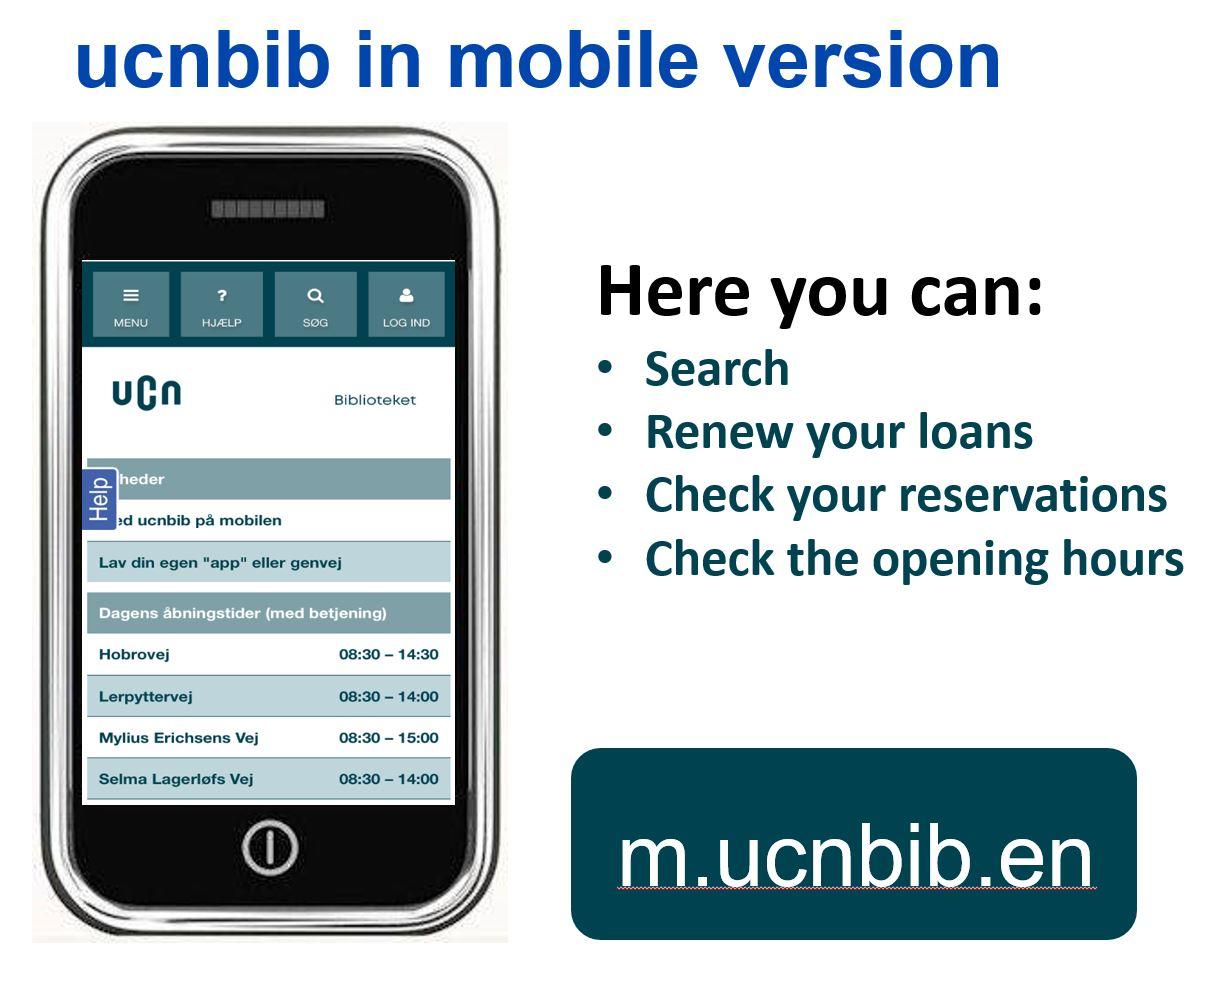 Mobilsite engelsk